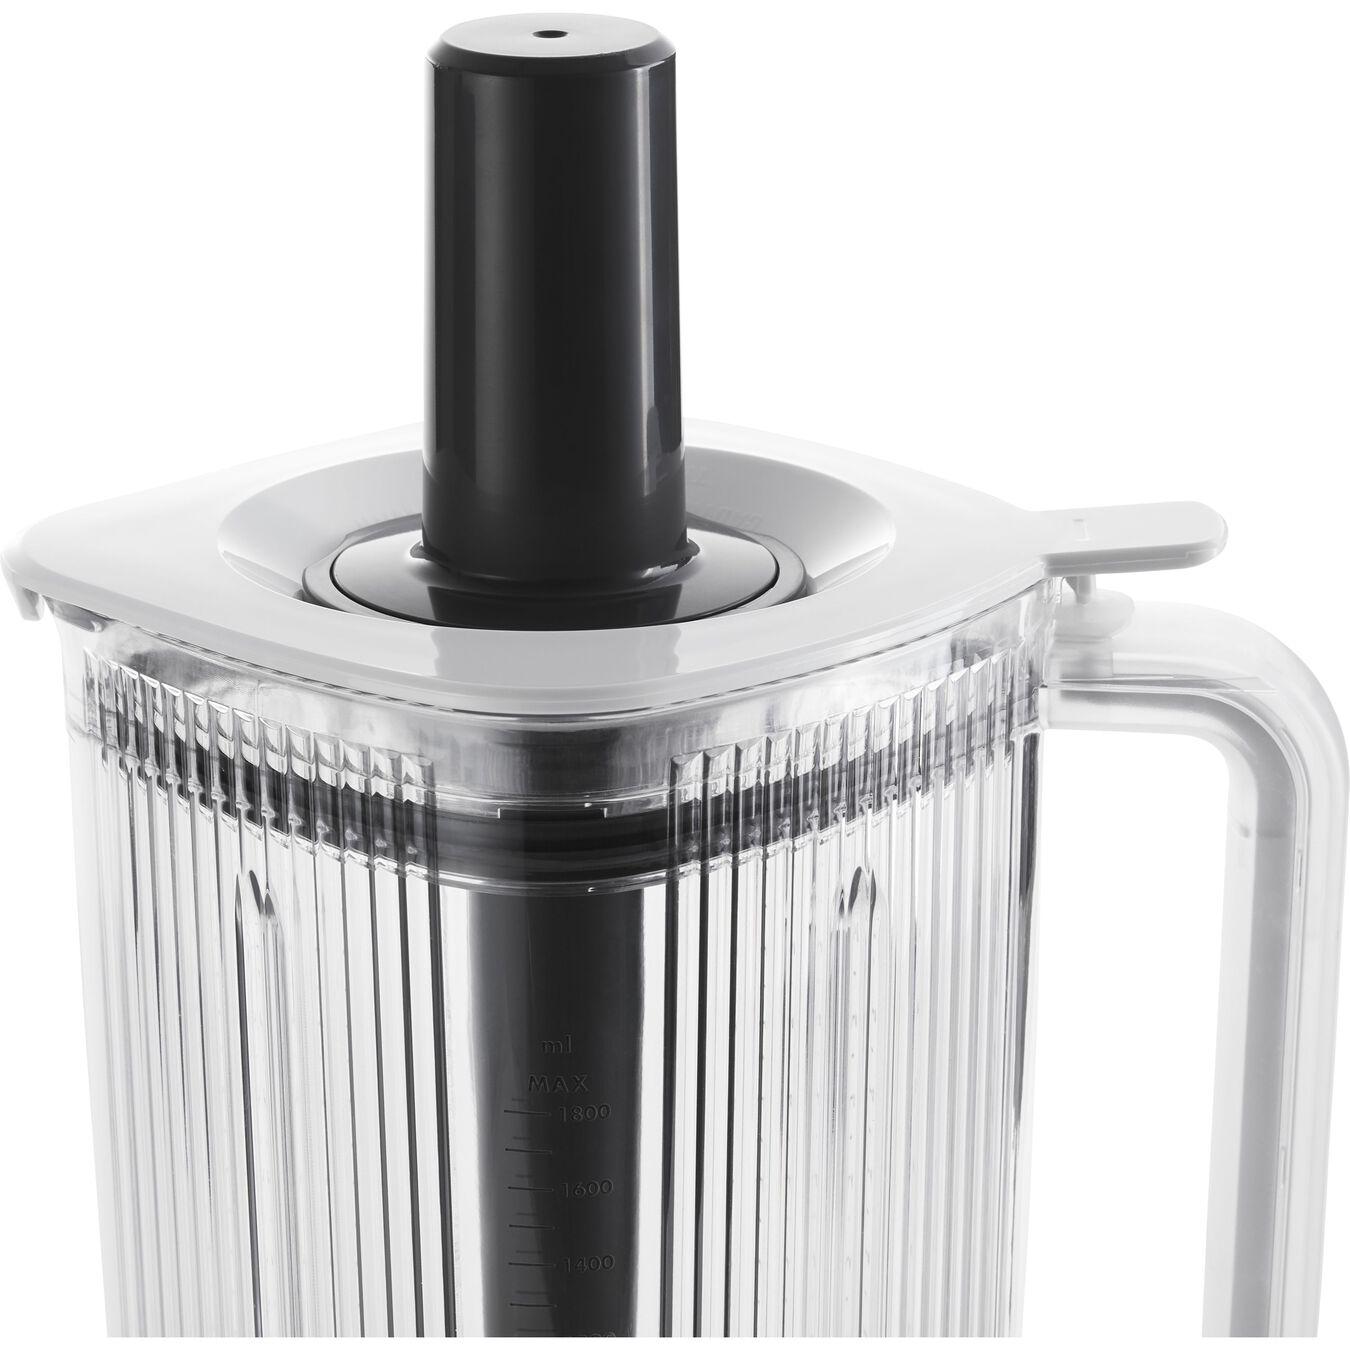 Power blender,,large 10